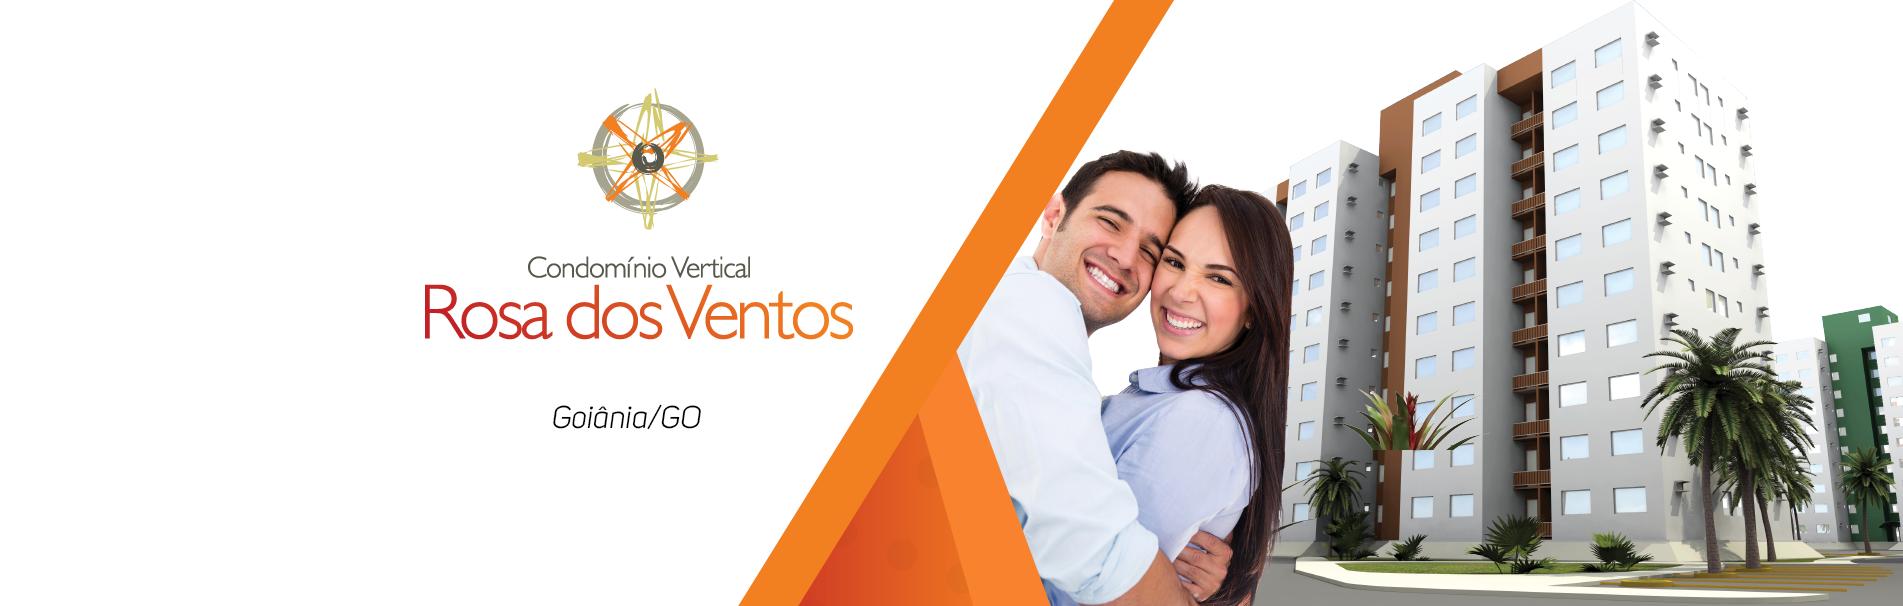 Banners Site Rosa dos Ventos - Govesa Co